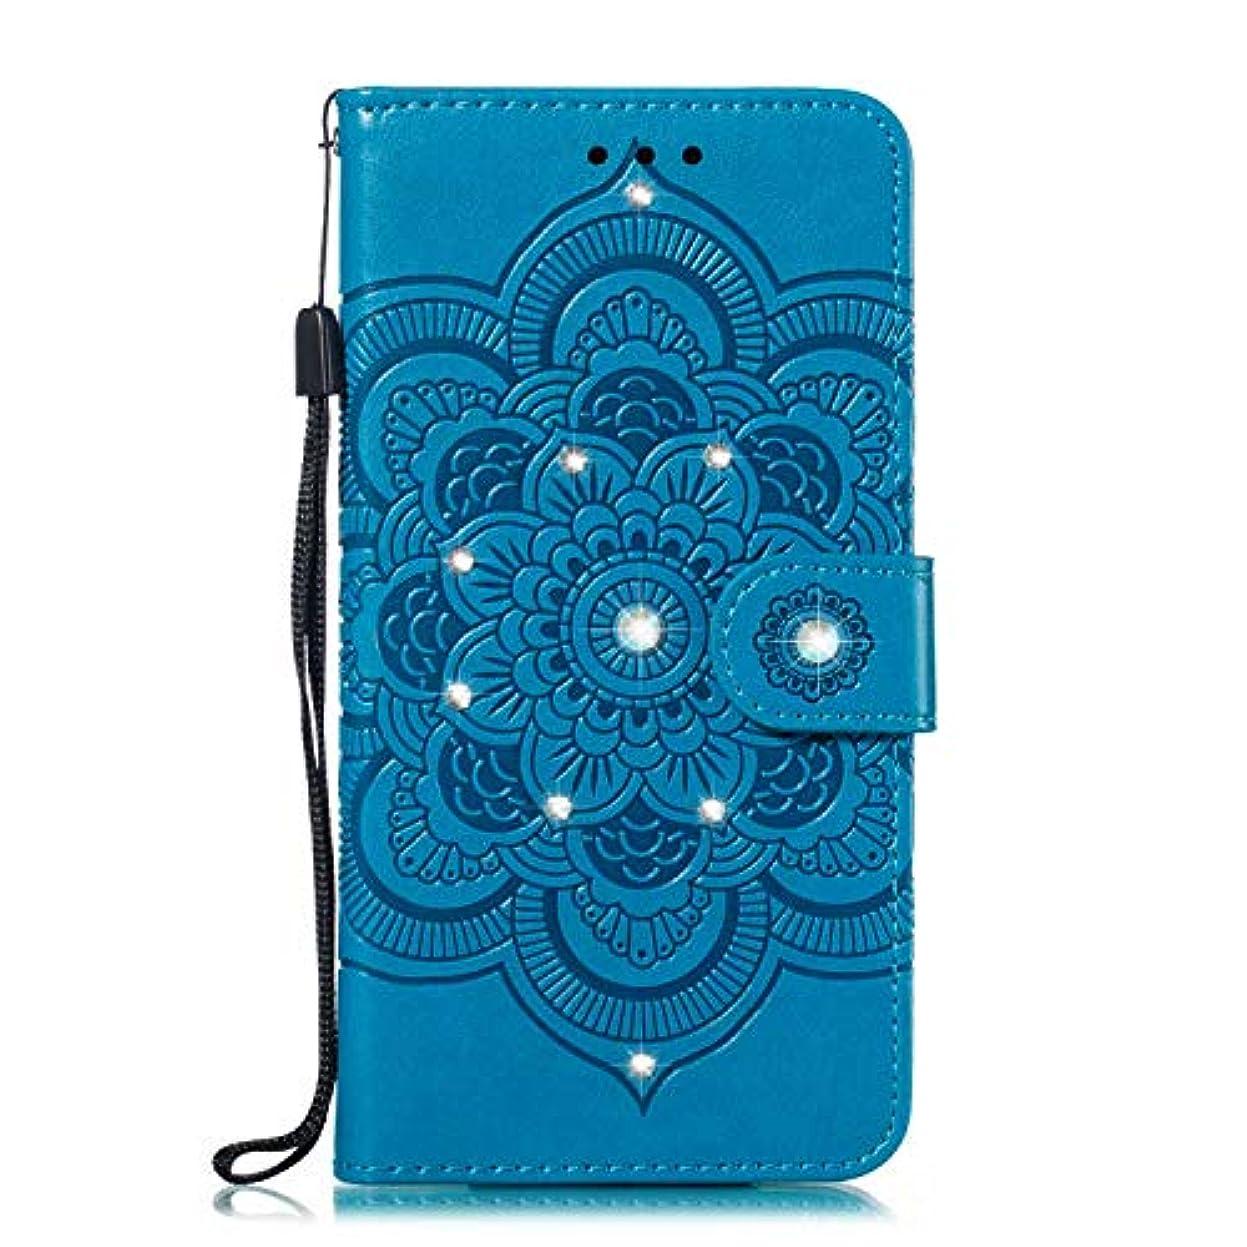 証拠複合娘CUNUS 高品質 合皮レザー ケース Huawei Honor 10 用, 防塵 ケース, 軽量 スタンド機能 耐汚れ カード収納 カバー, ブルー